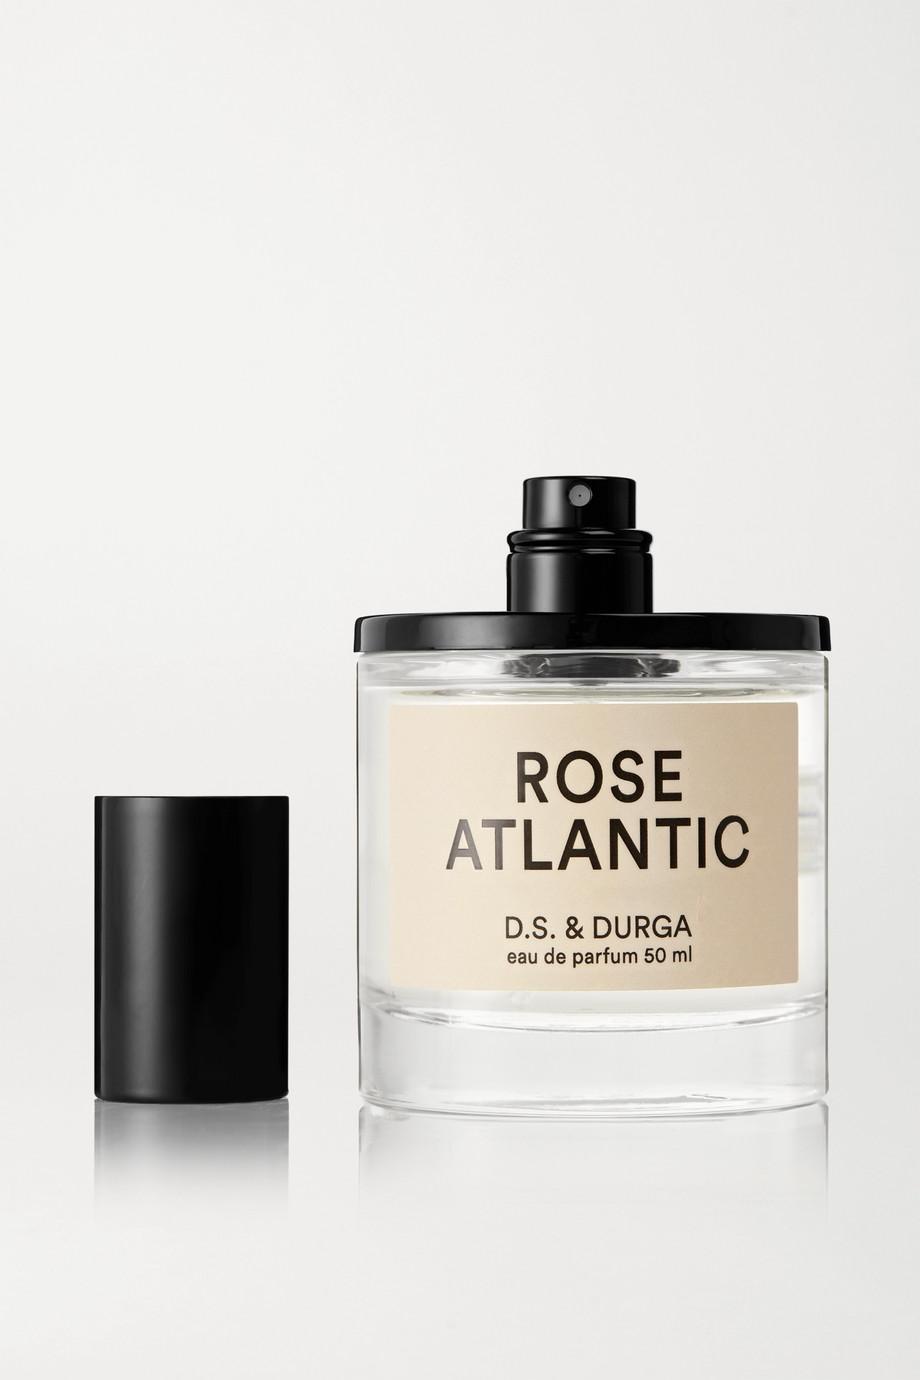 D.S. & Durga Eau de Parfum - Rose Atlantic, 50ml